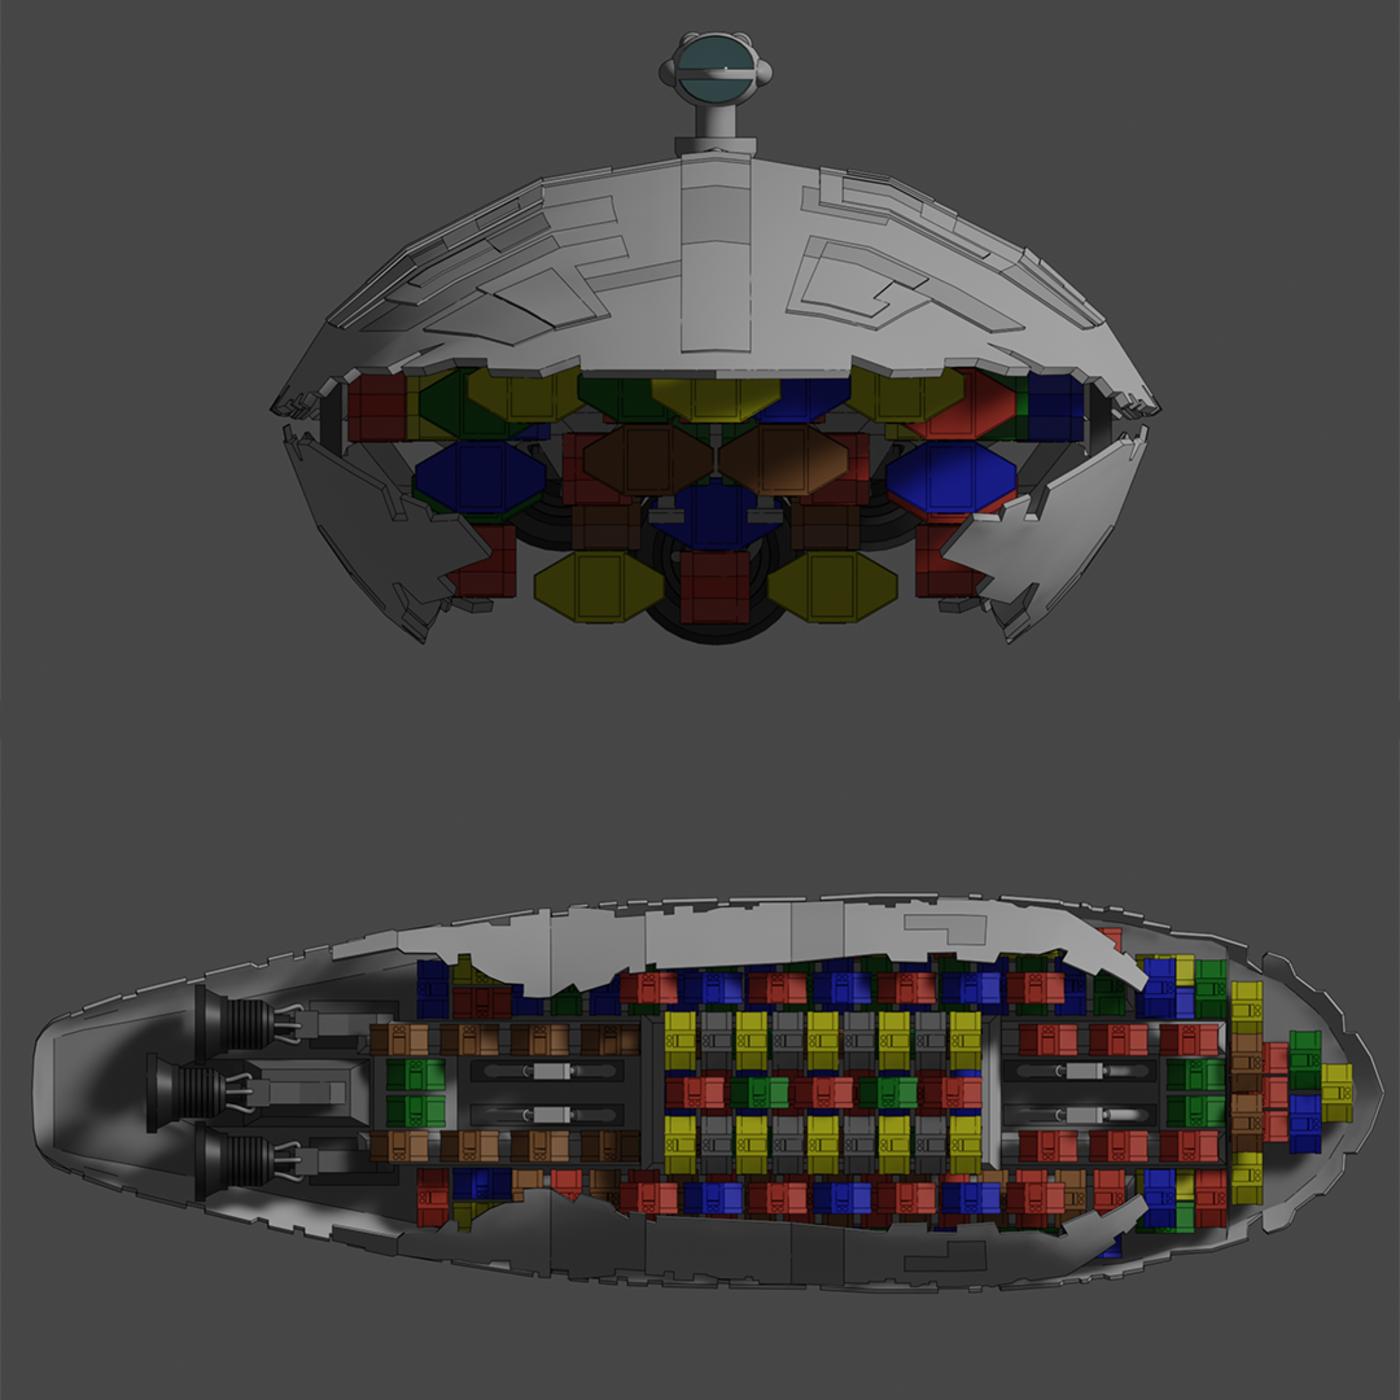 GR-75 Transport - Star Wars - Fan Art